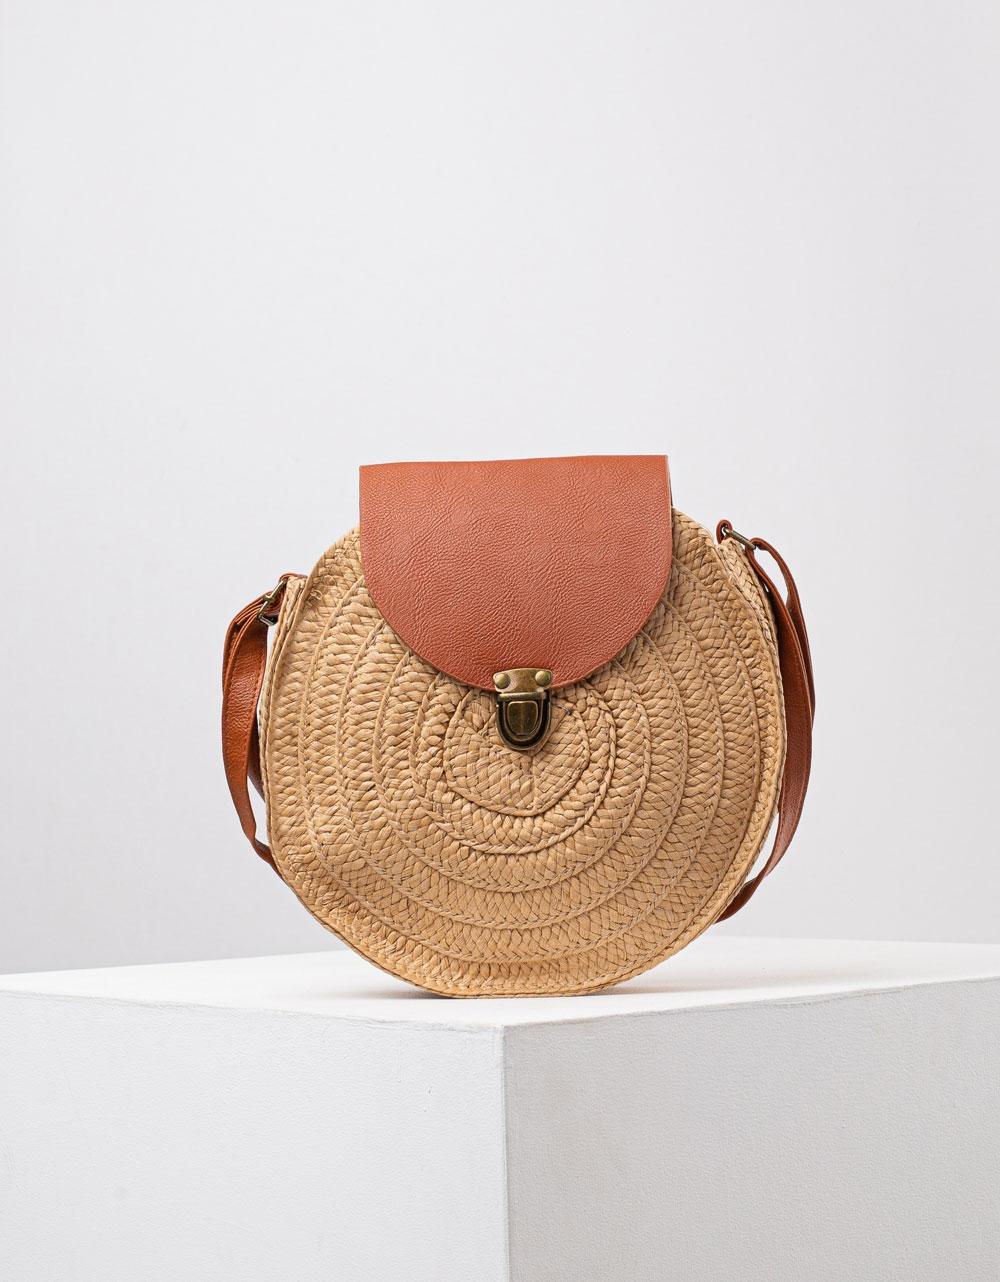 Εικόνα από Γυναικεία ψάθινη τσάντα ώμου & χιαστί σε συνδυασμό υλικών Πούρο